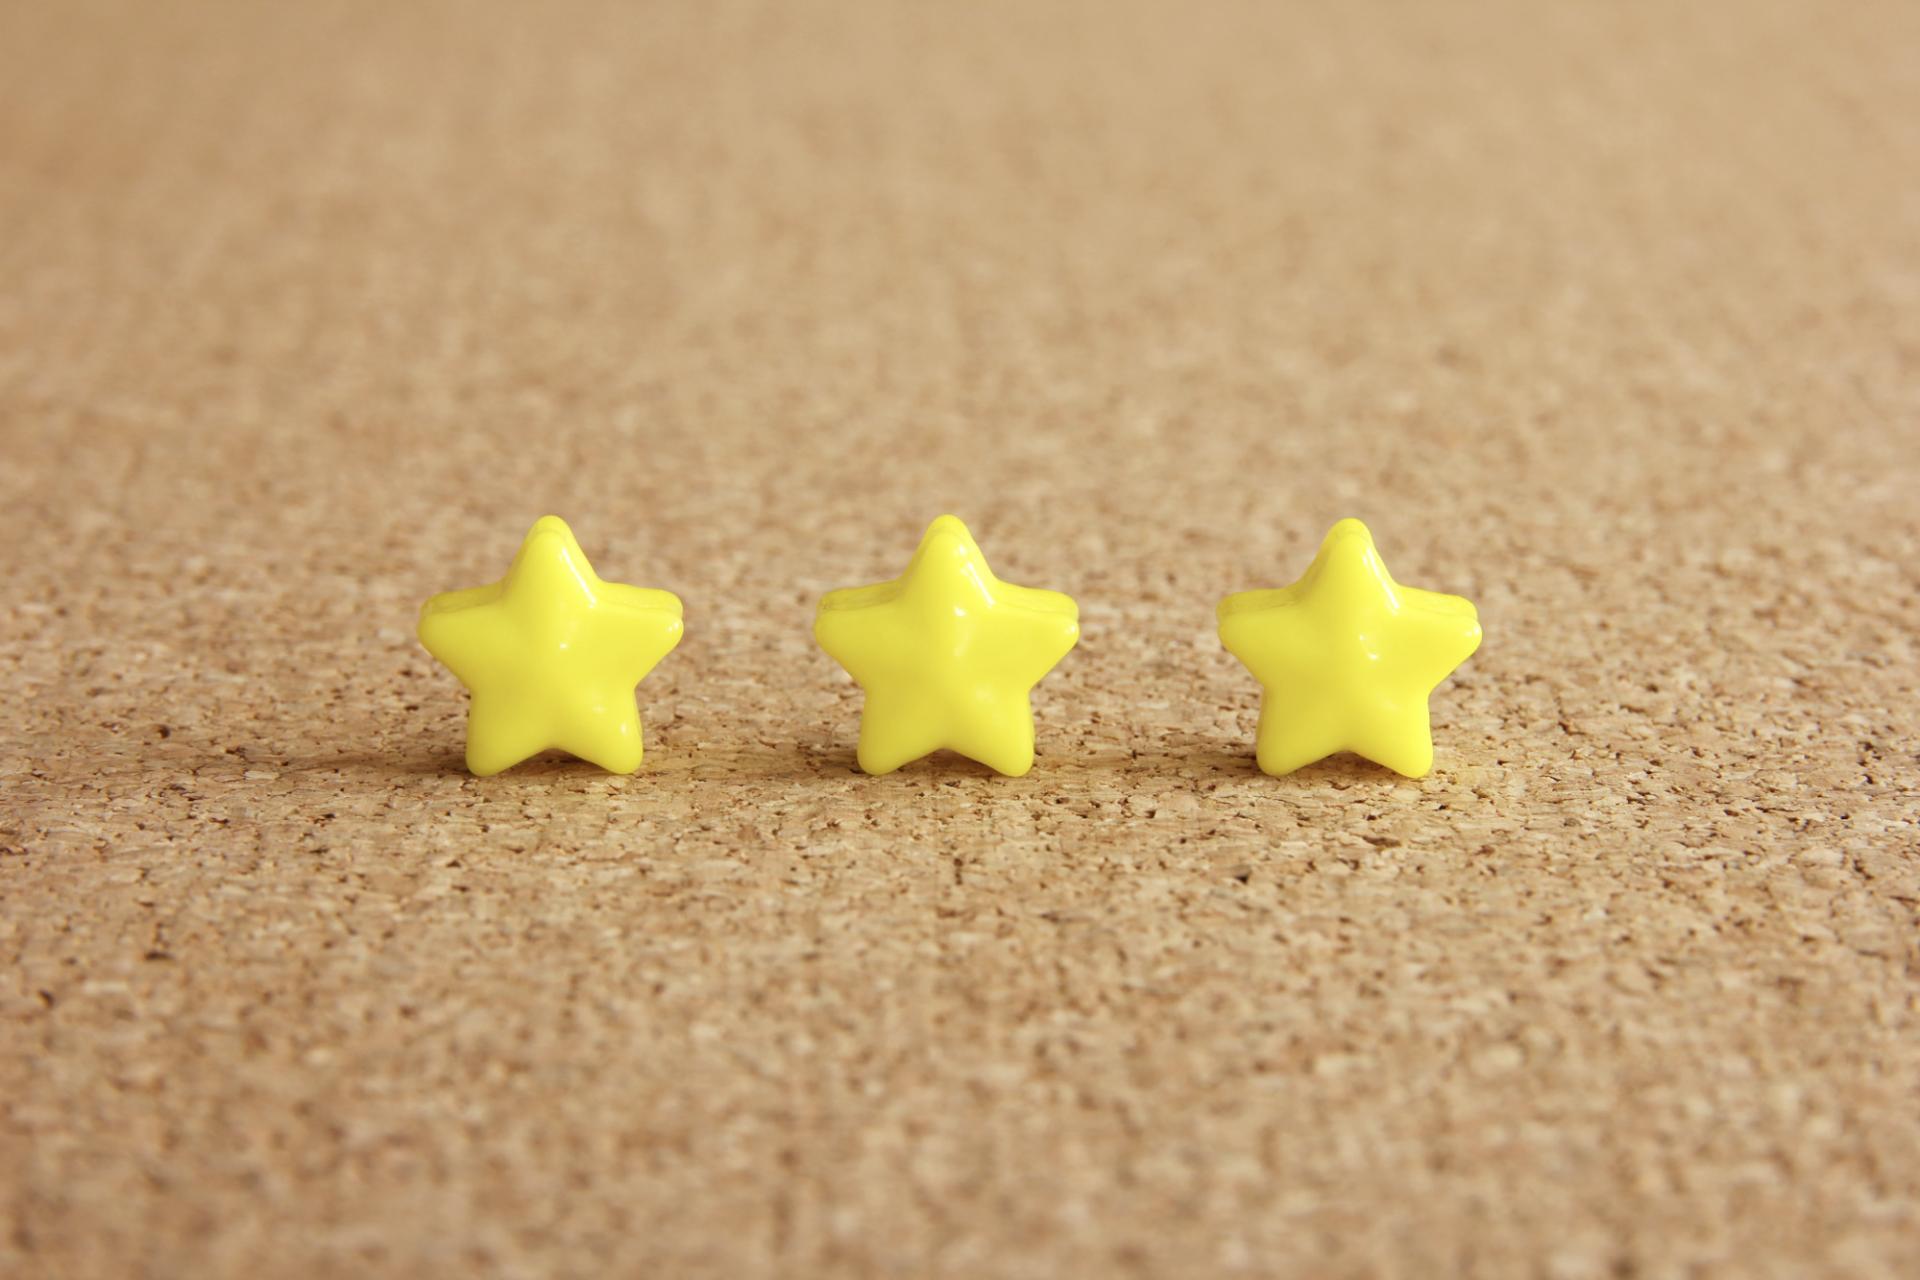 【サンプルシート付】コンピテンシー評価とは?評価方法やメリット・デメリットを解説【項目例あり】